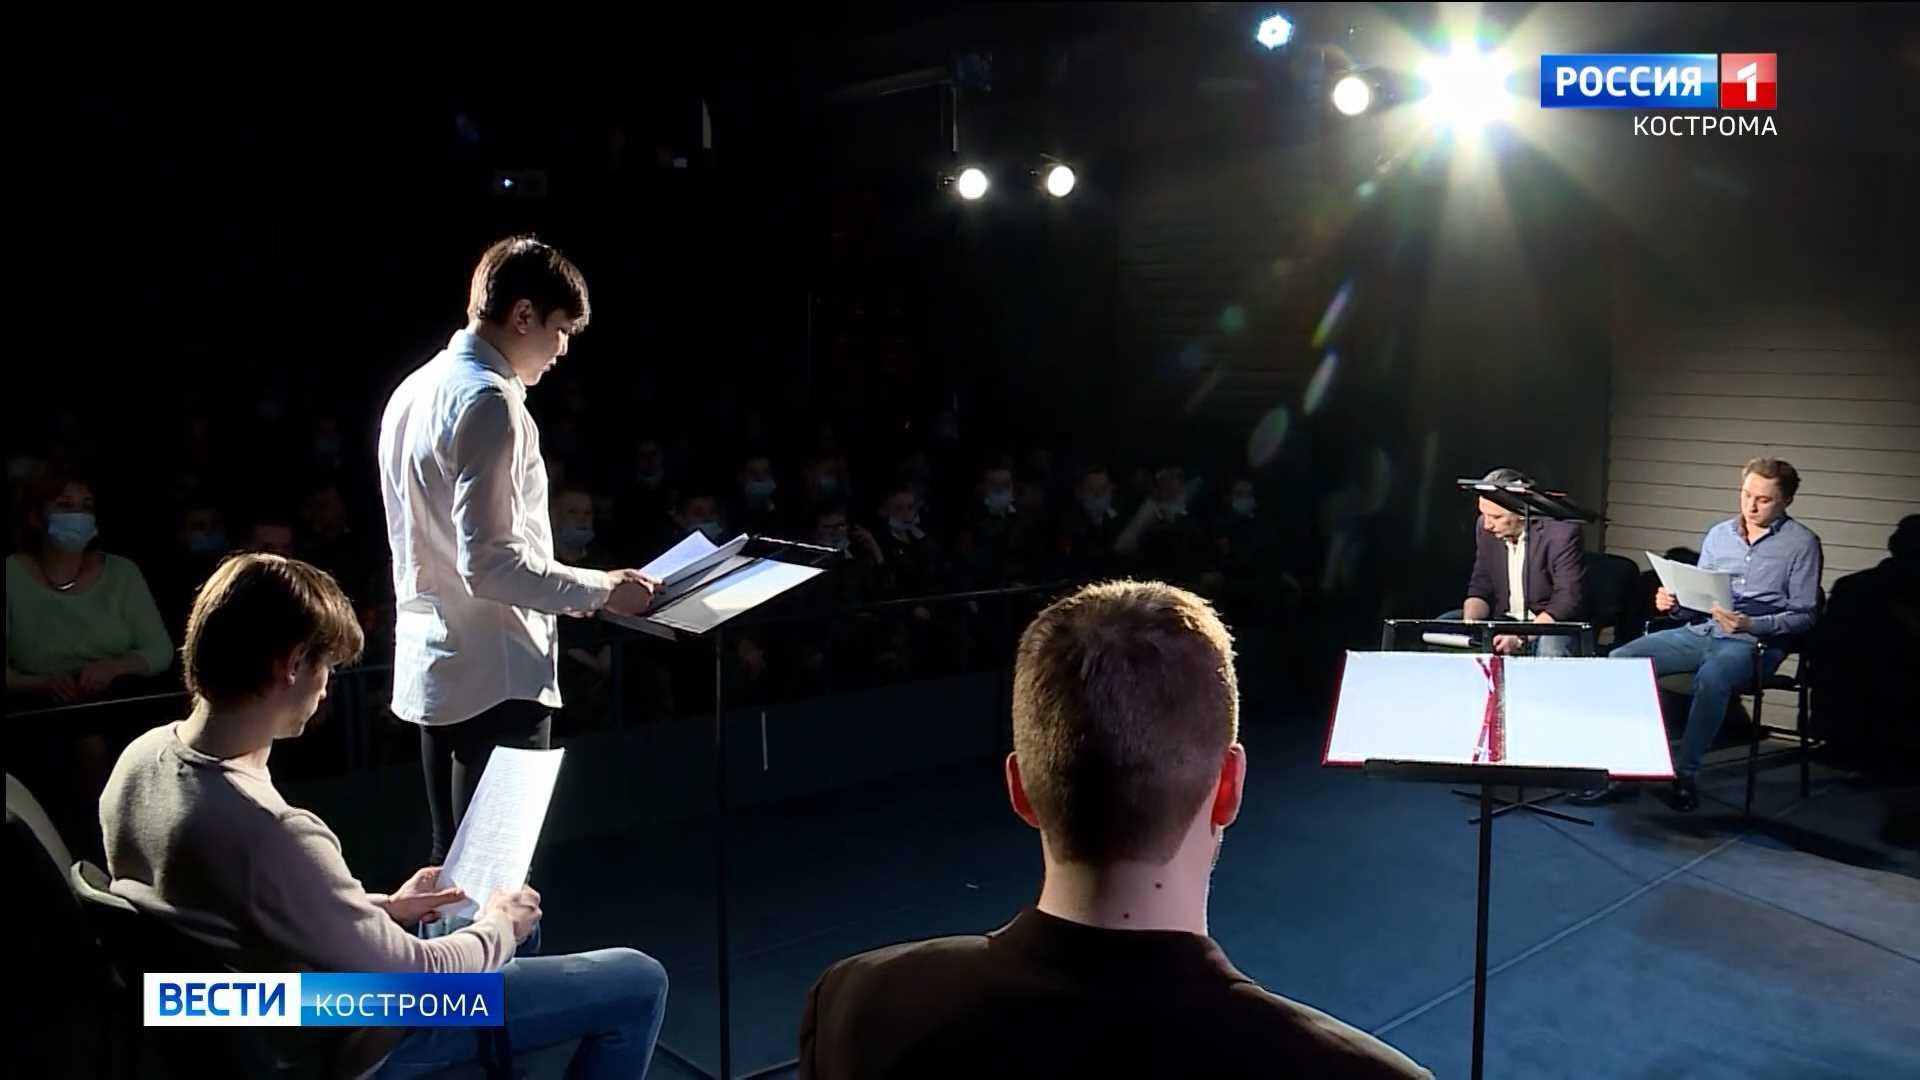 Спектакль-репортаж о покорении космоса поставил костромской ТЮЗ